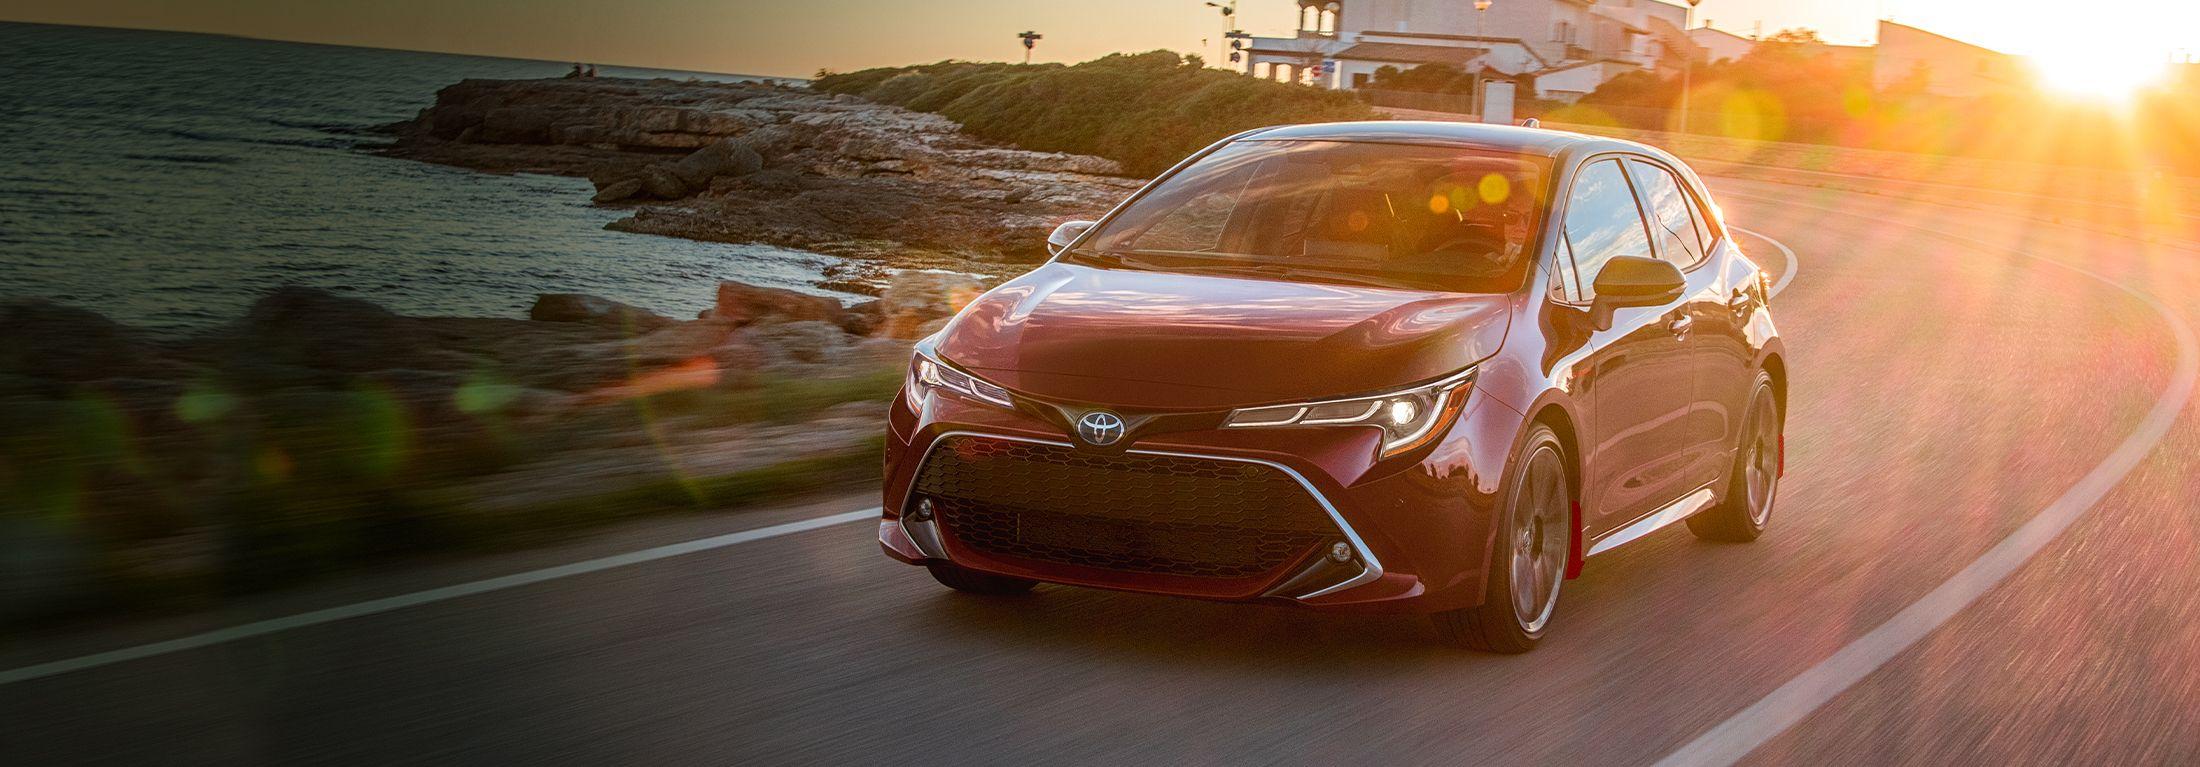 Corolla hatchback 2022